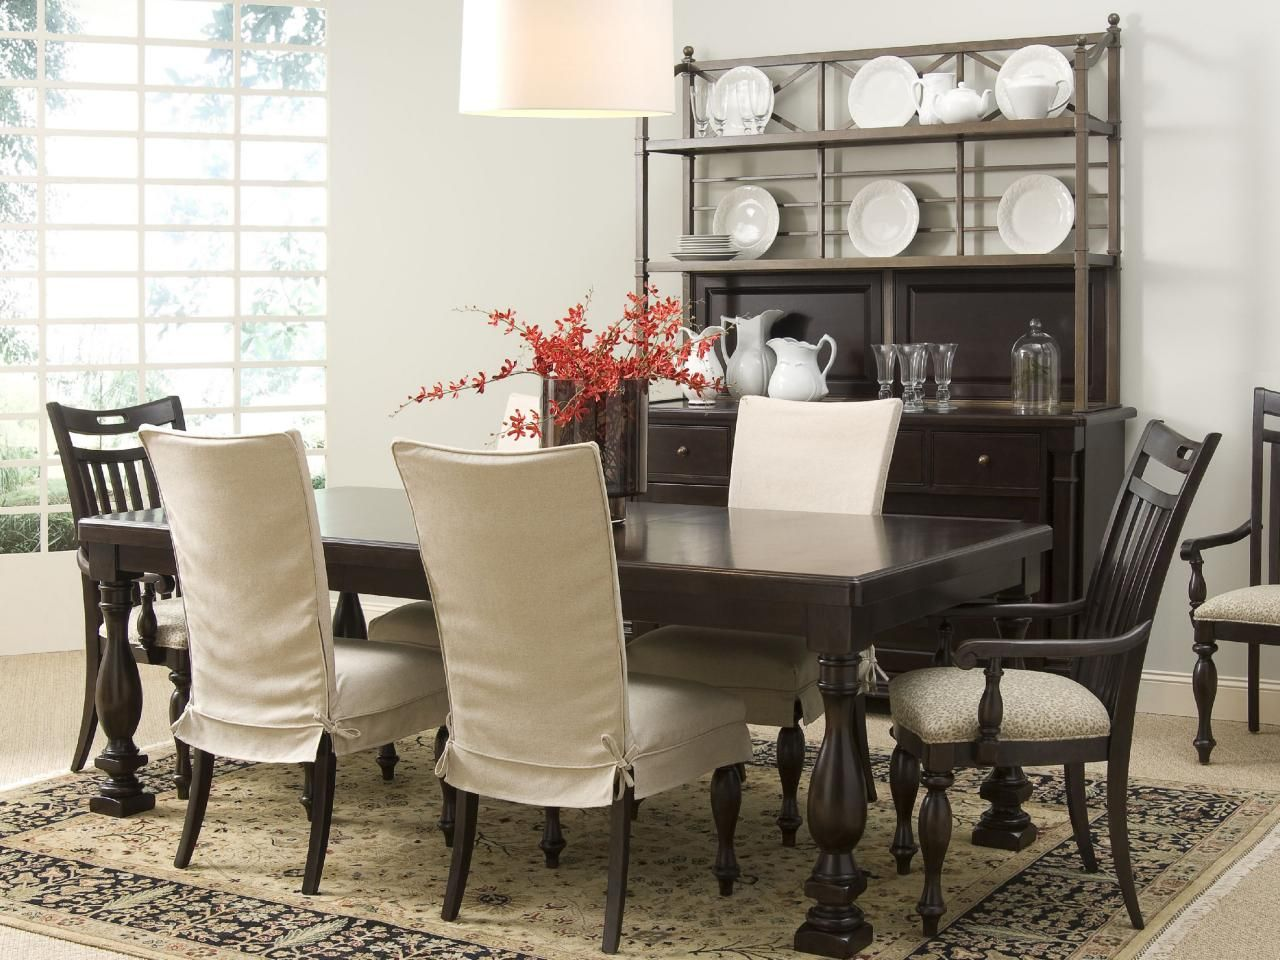 Kleine speisesaalideen modern zeitgenössische esszimmer stühle  wenn sie streben eine ruhige und